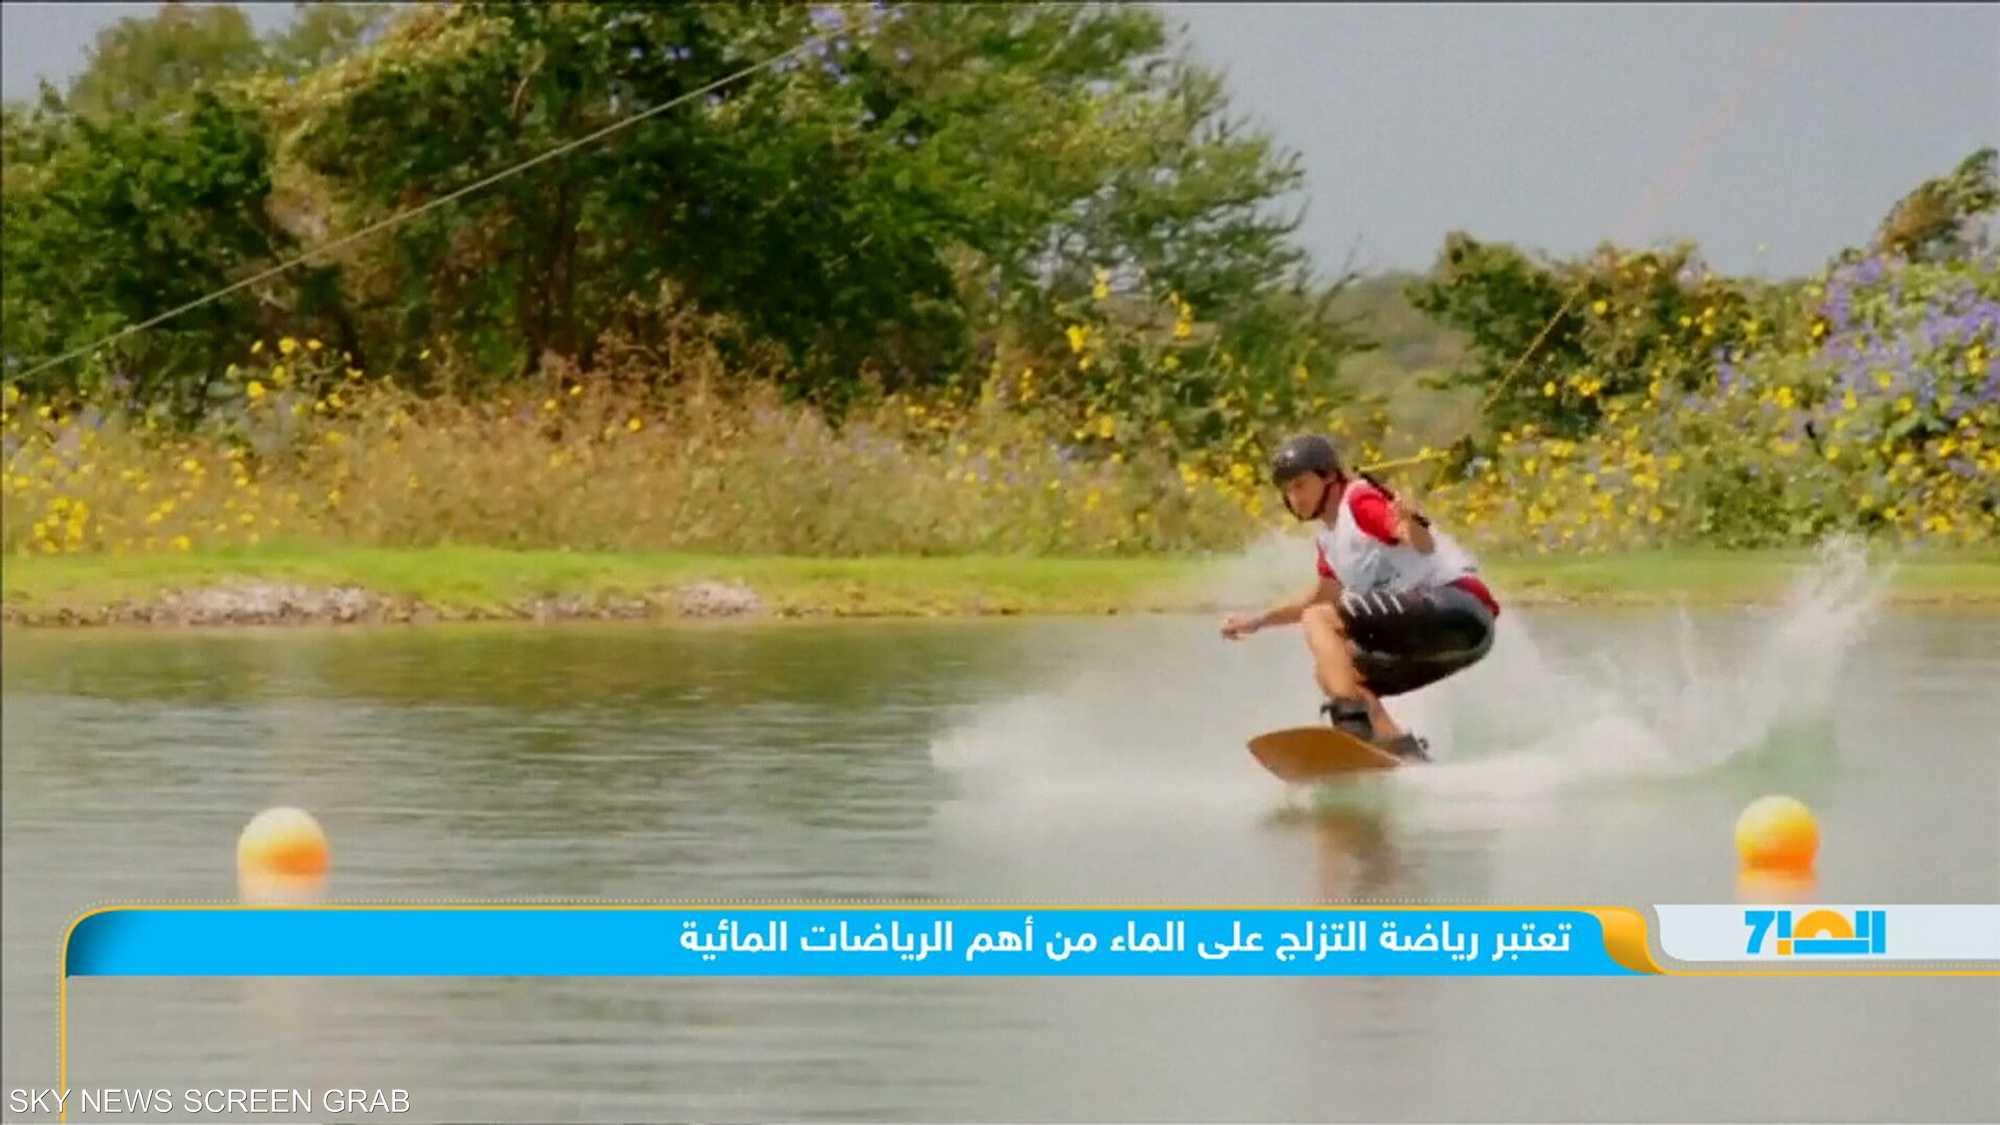 التزلج على الماء.. رياضة شيقة ومثيرة للأدرينالين